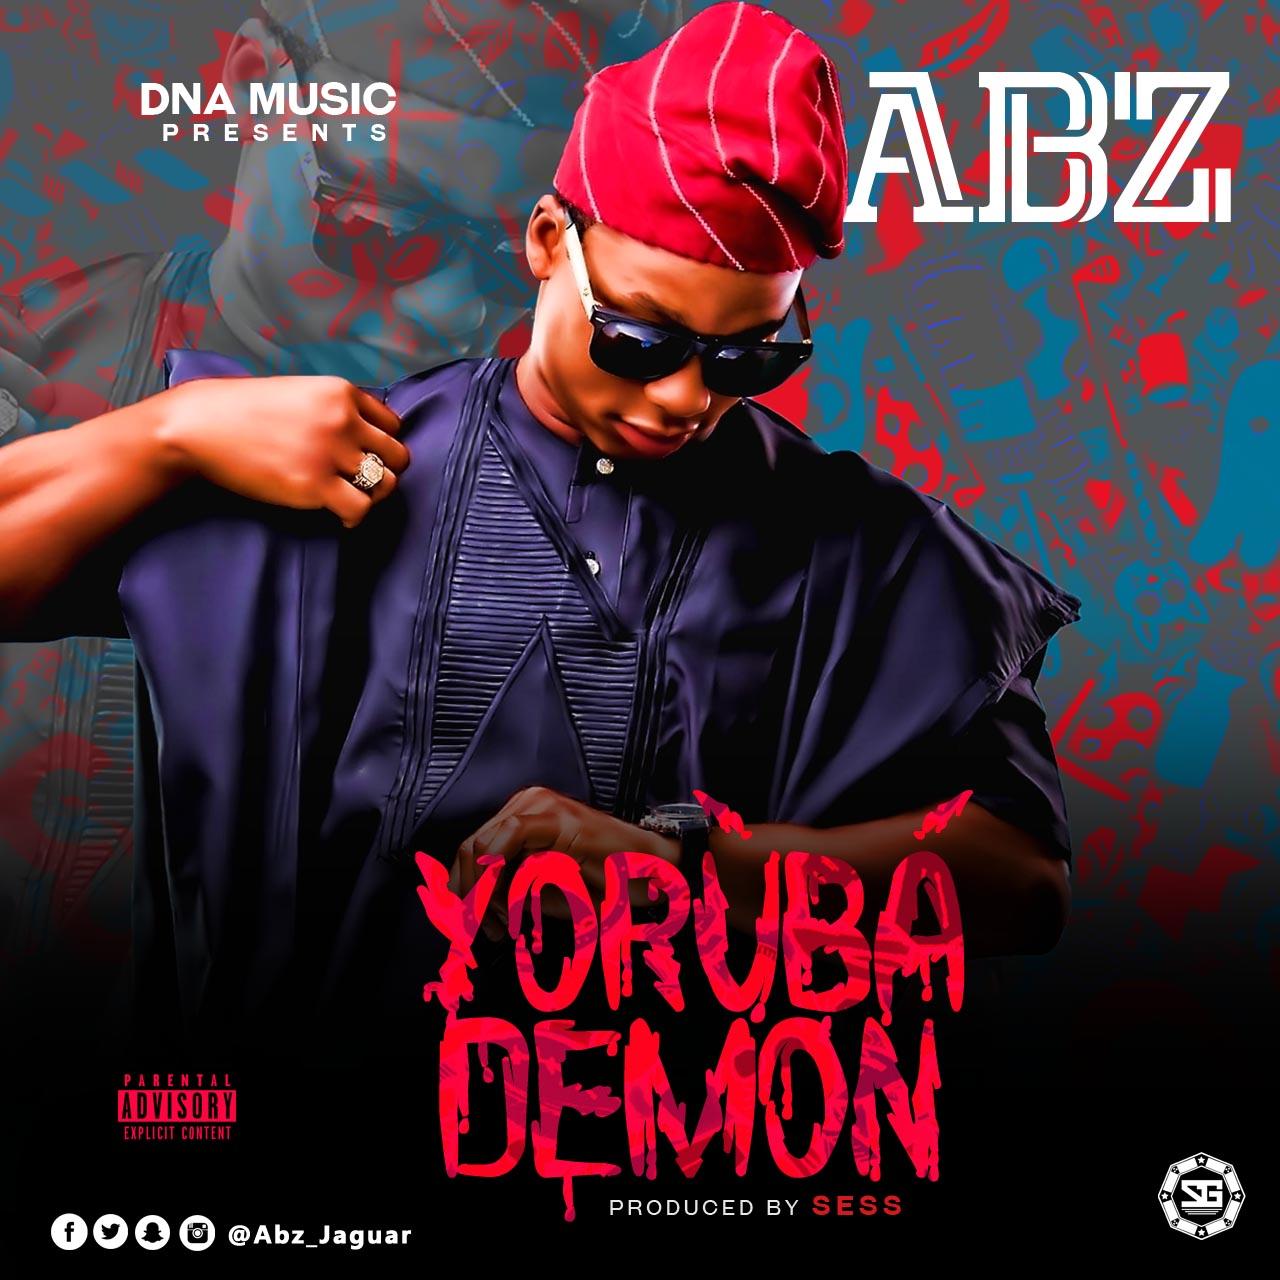 ABZ – Yoruba Demon (Prod. Sess)